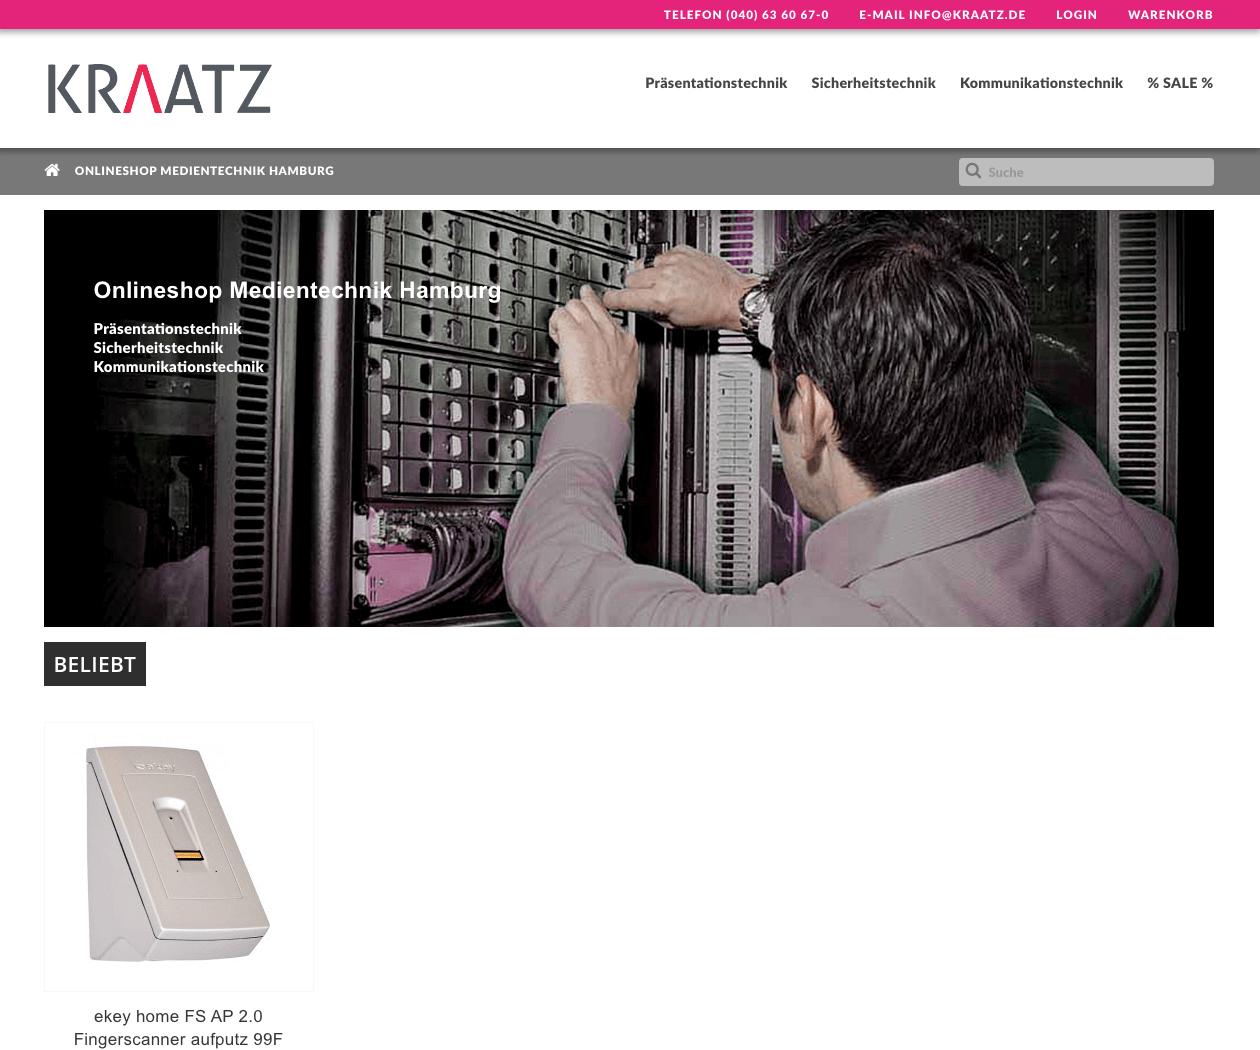 Prestashop-Shop für Kraatz Hamburg Medientechnik